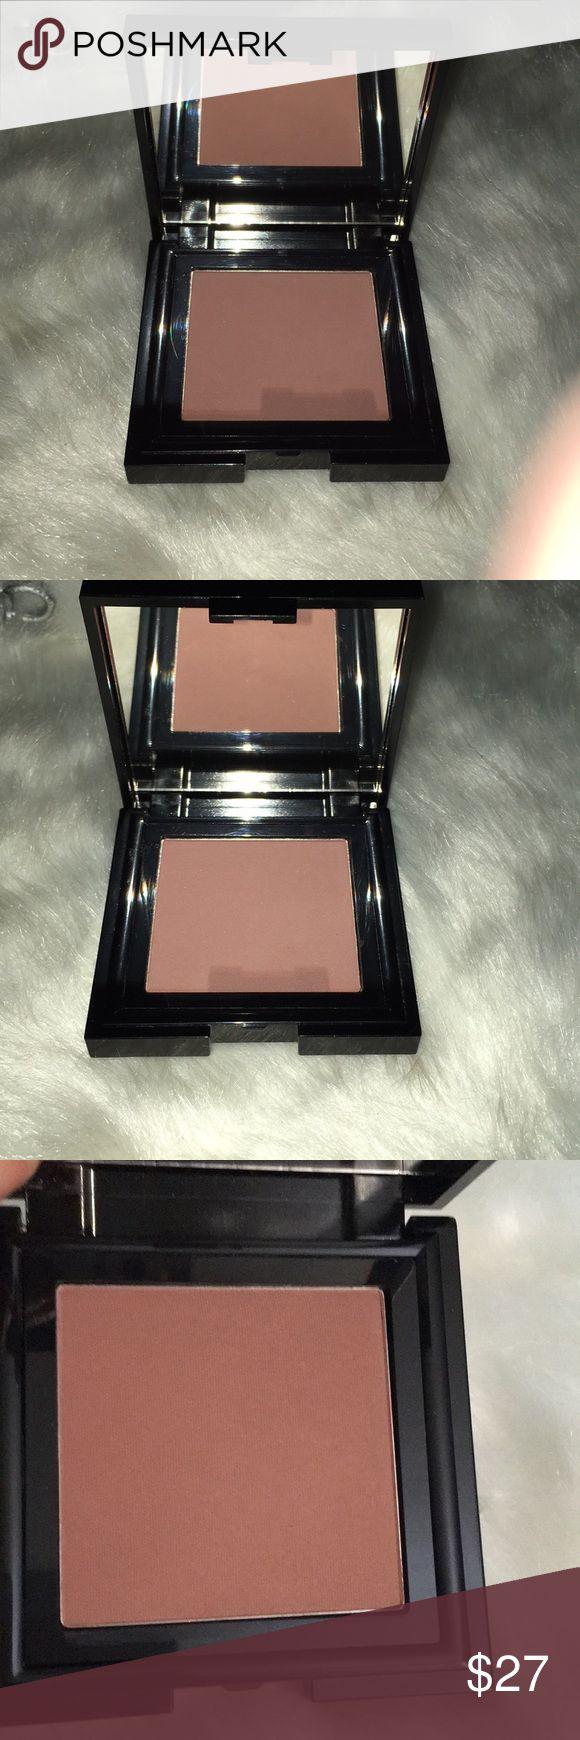 Bobbi brown illuminating powder telluride New no box Bobbi ...